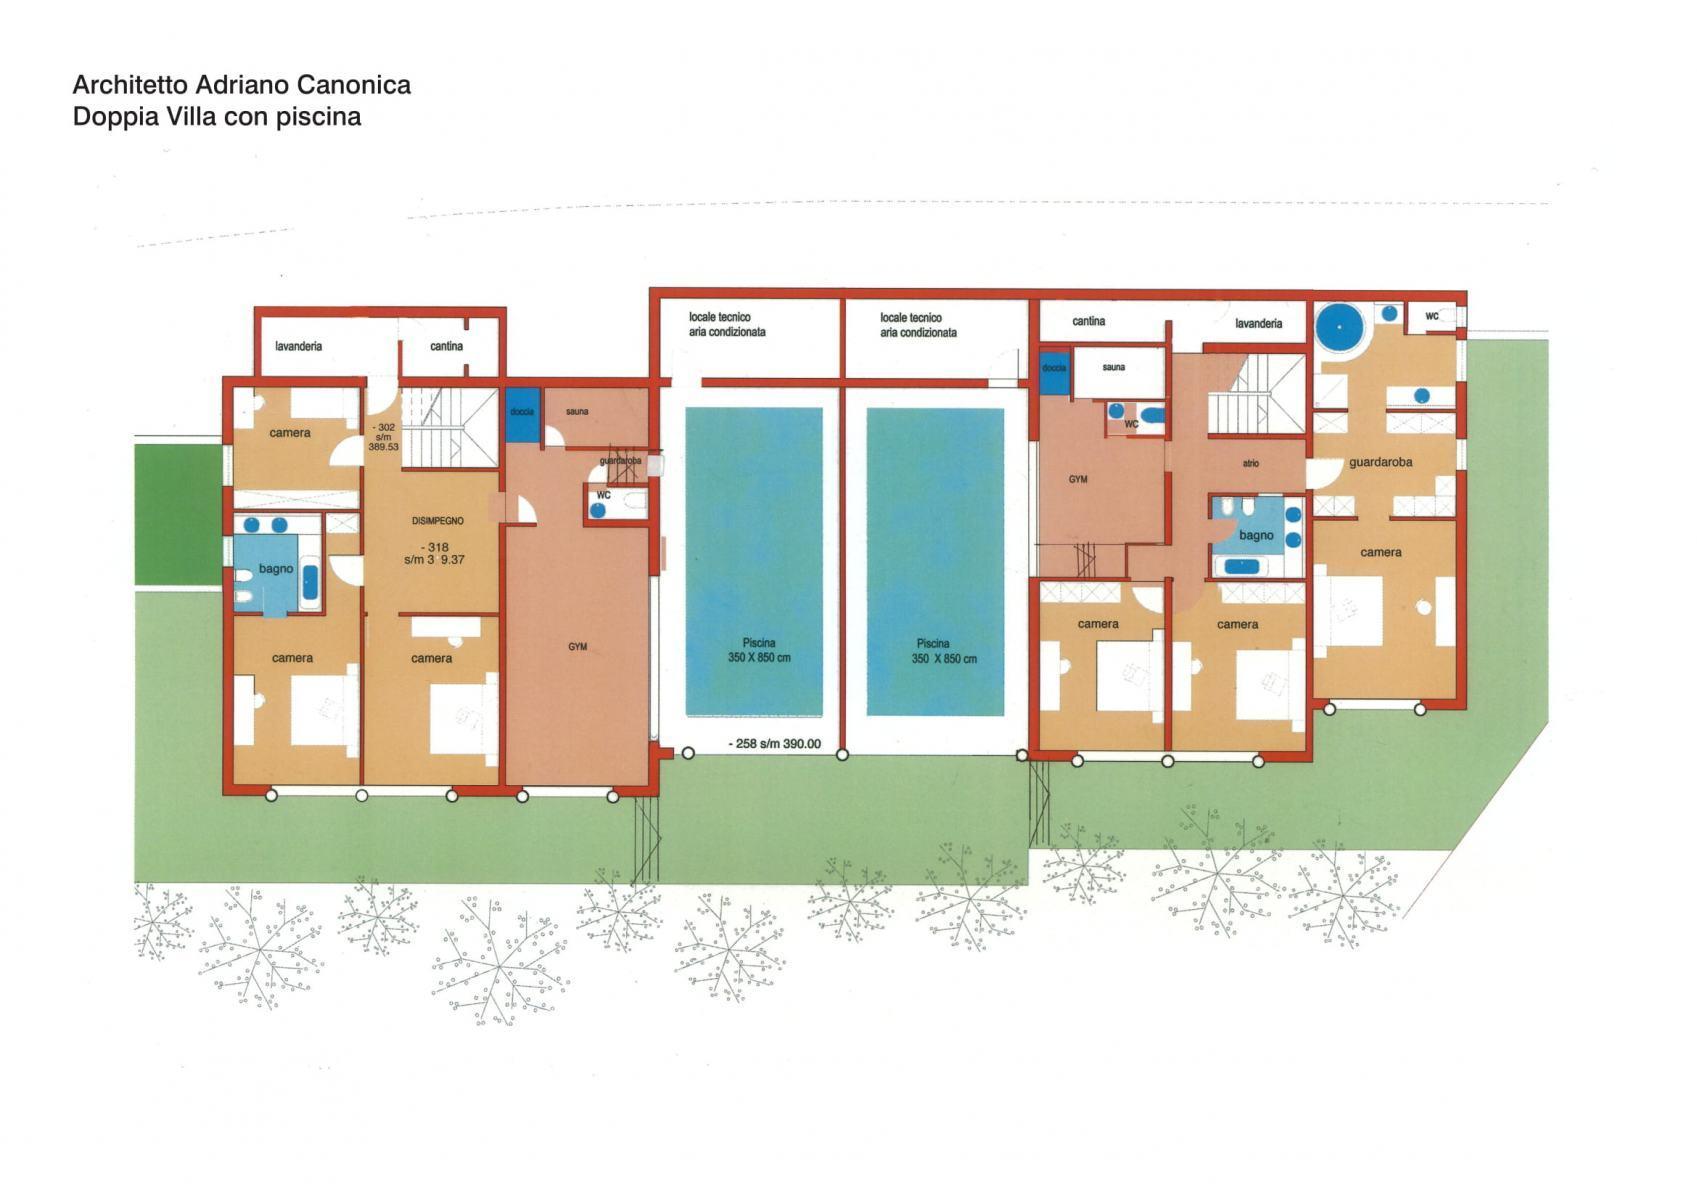 Piano architettonico - piscina coperta